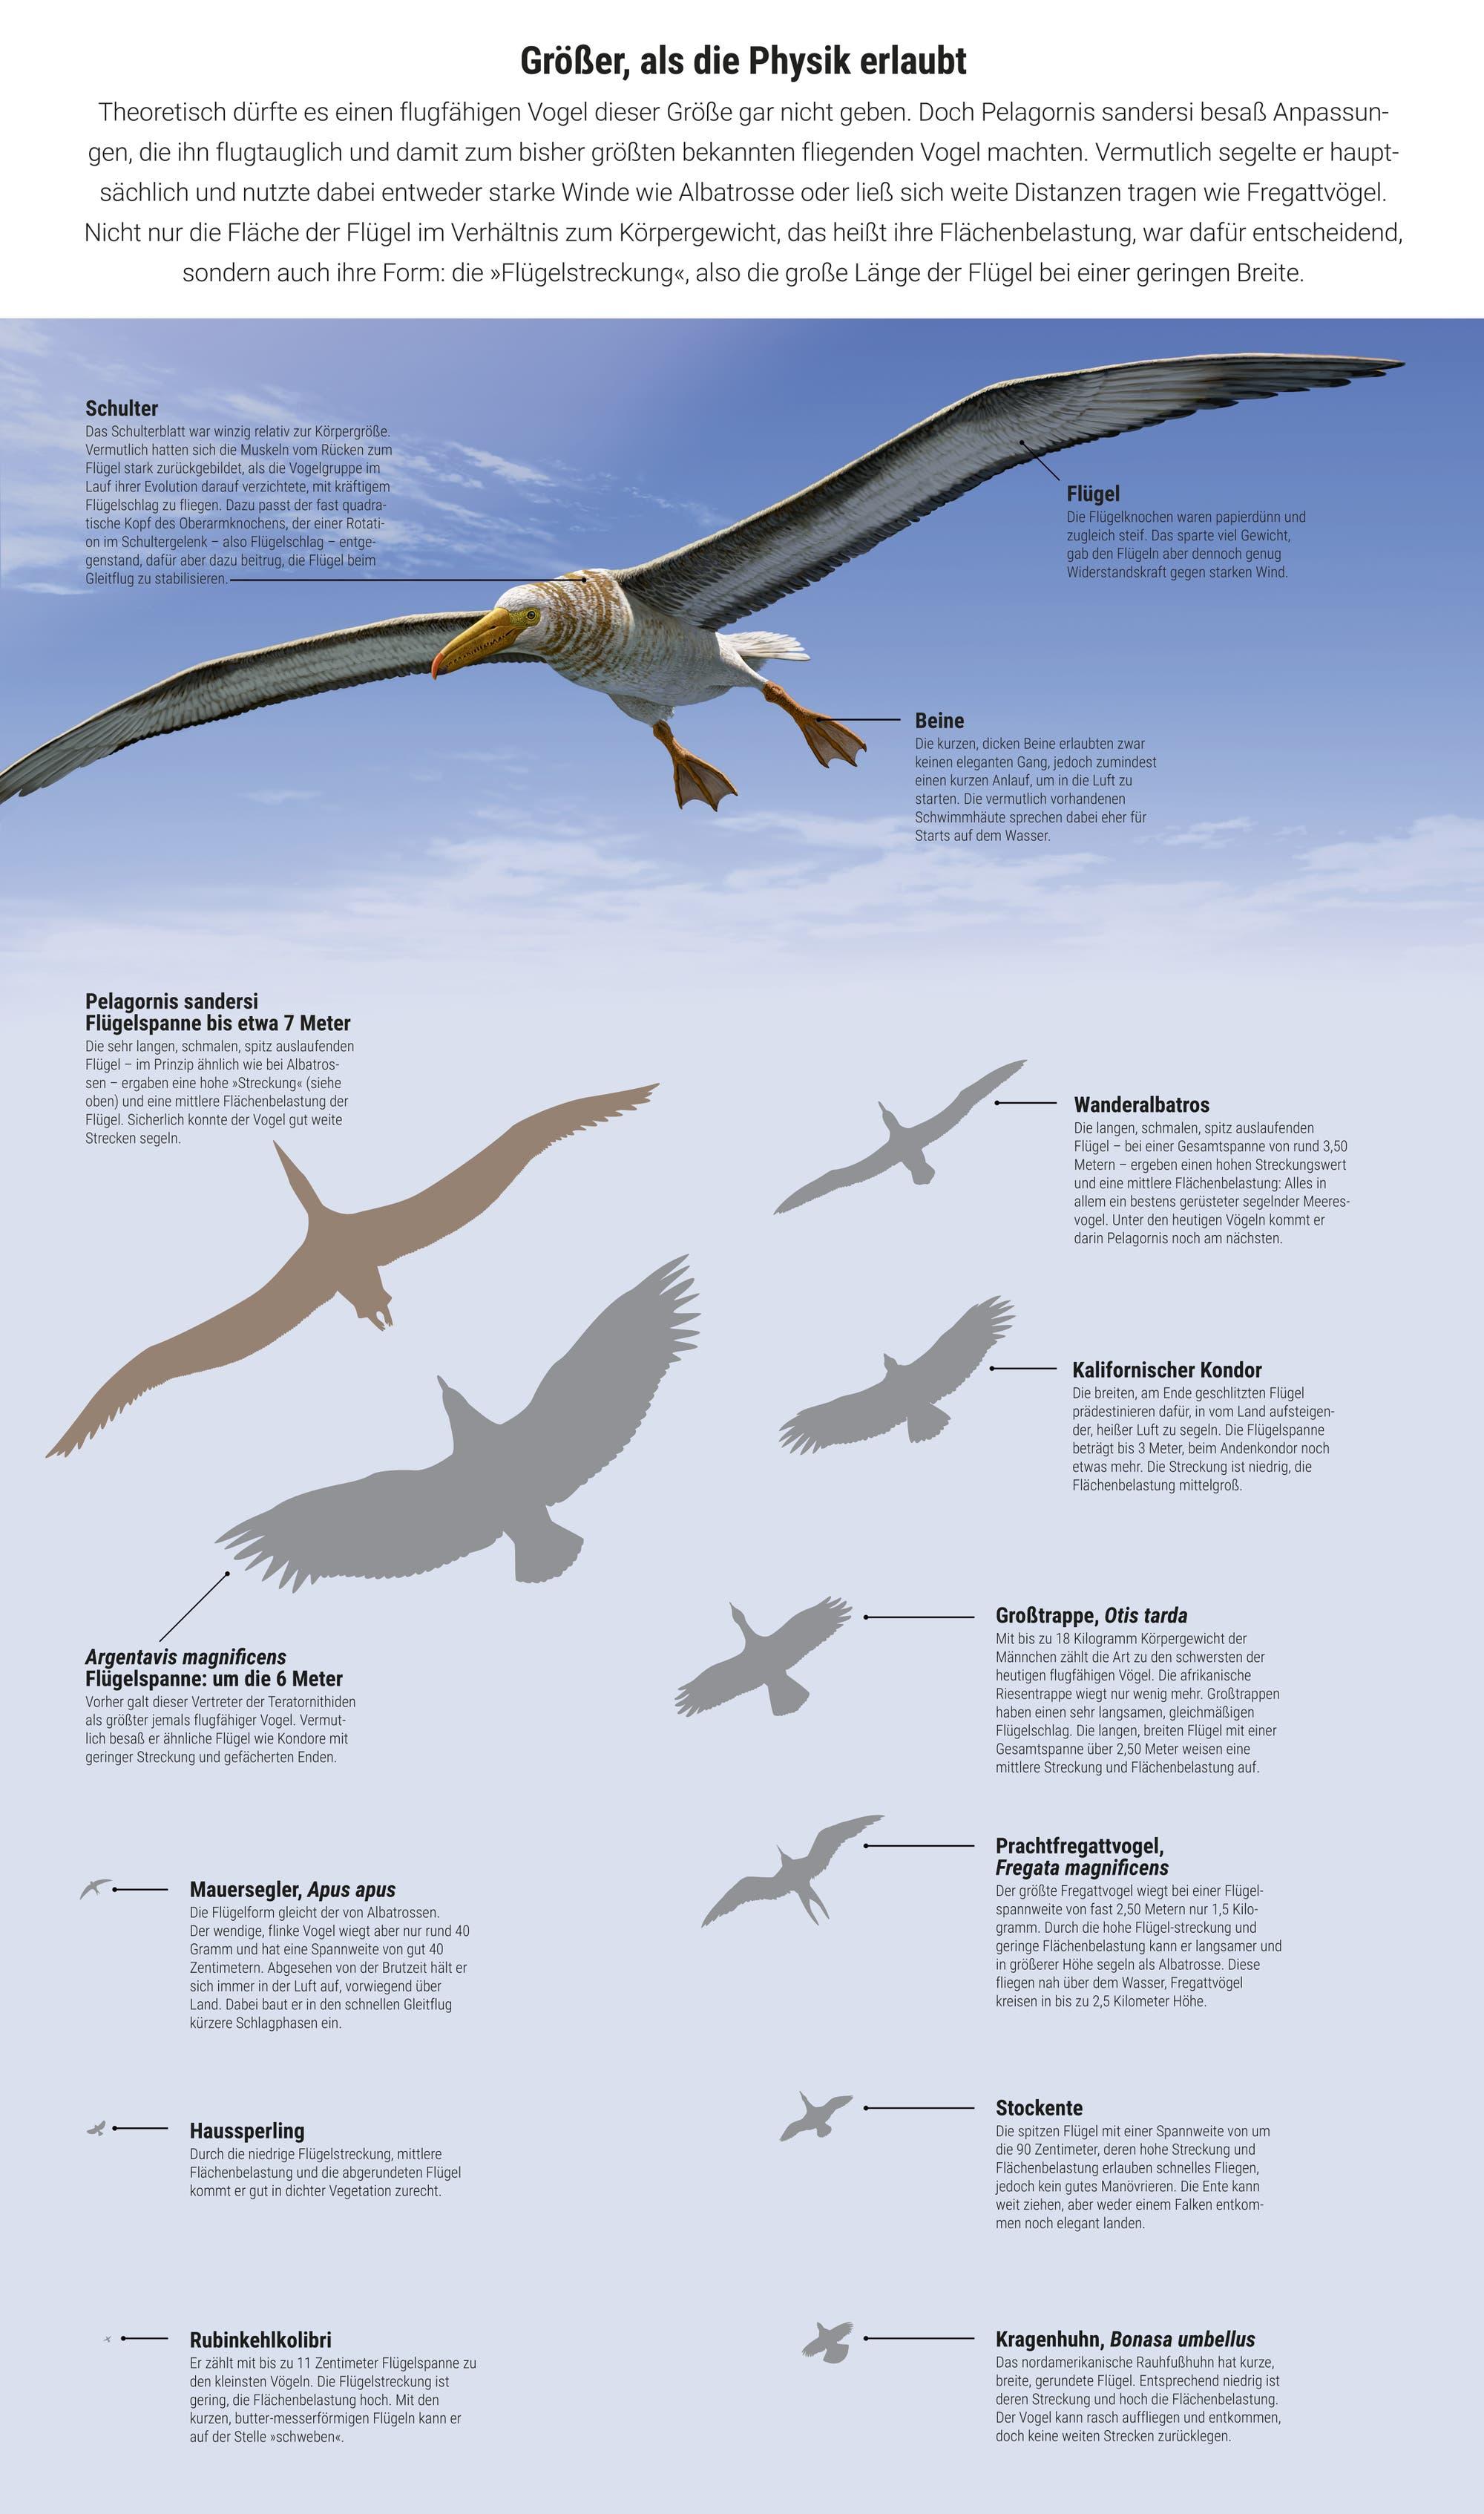 Riesenvögel und moderne Vögel im direkten Vergleich